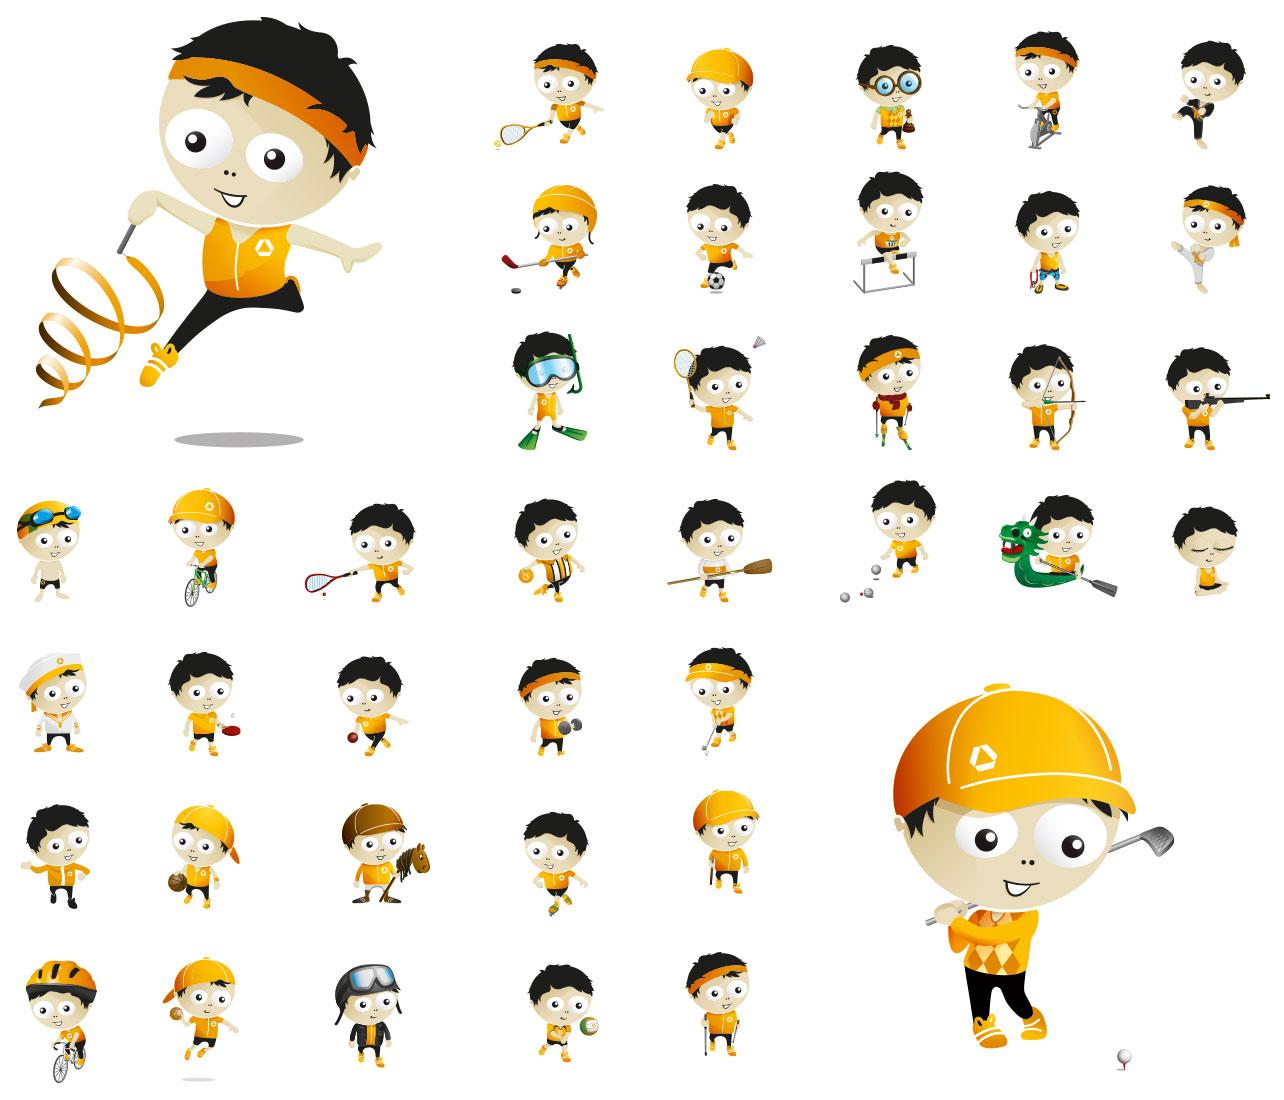 Character-Illustrationen für die Betriebssportgemeinschaft der COMMERZBANK